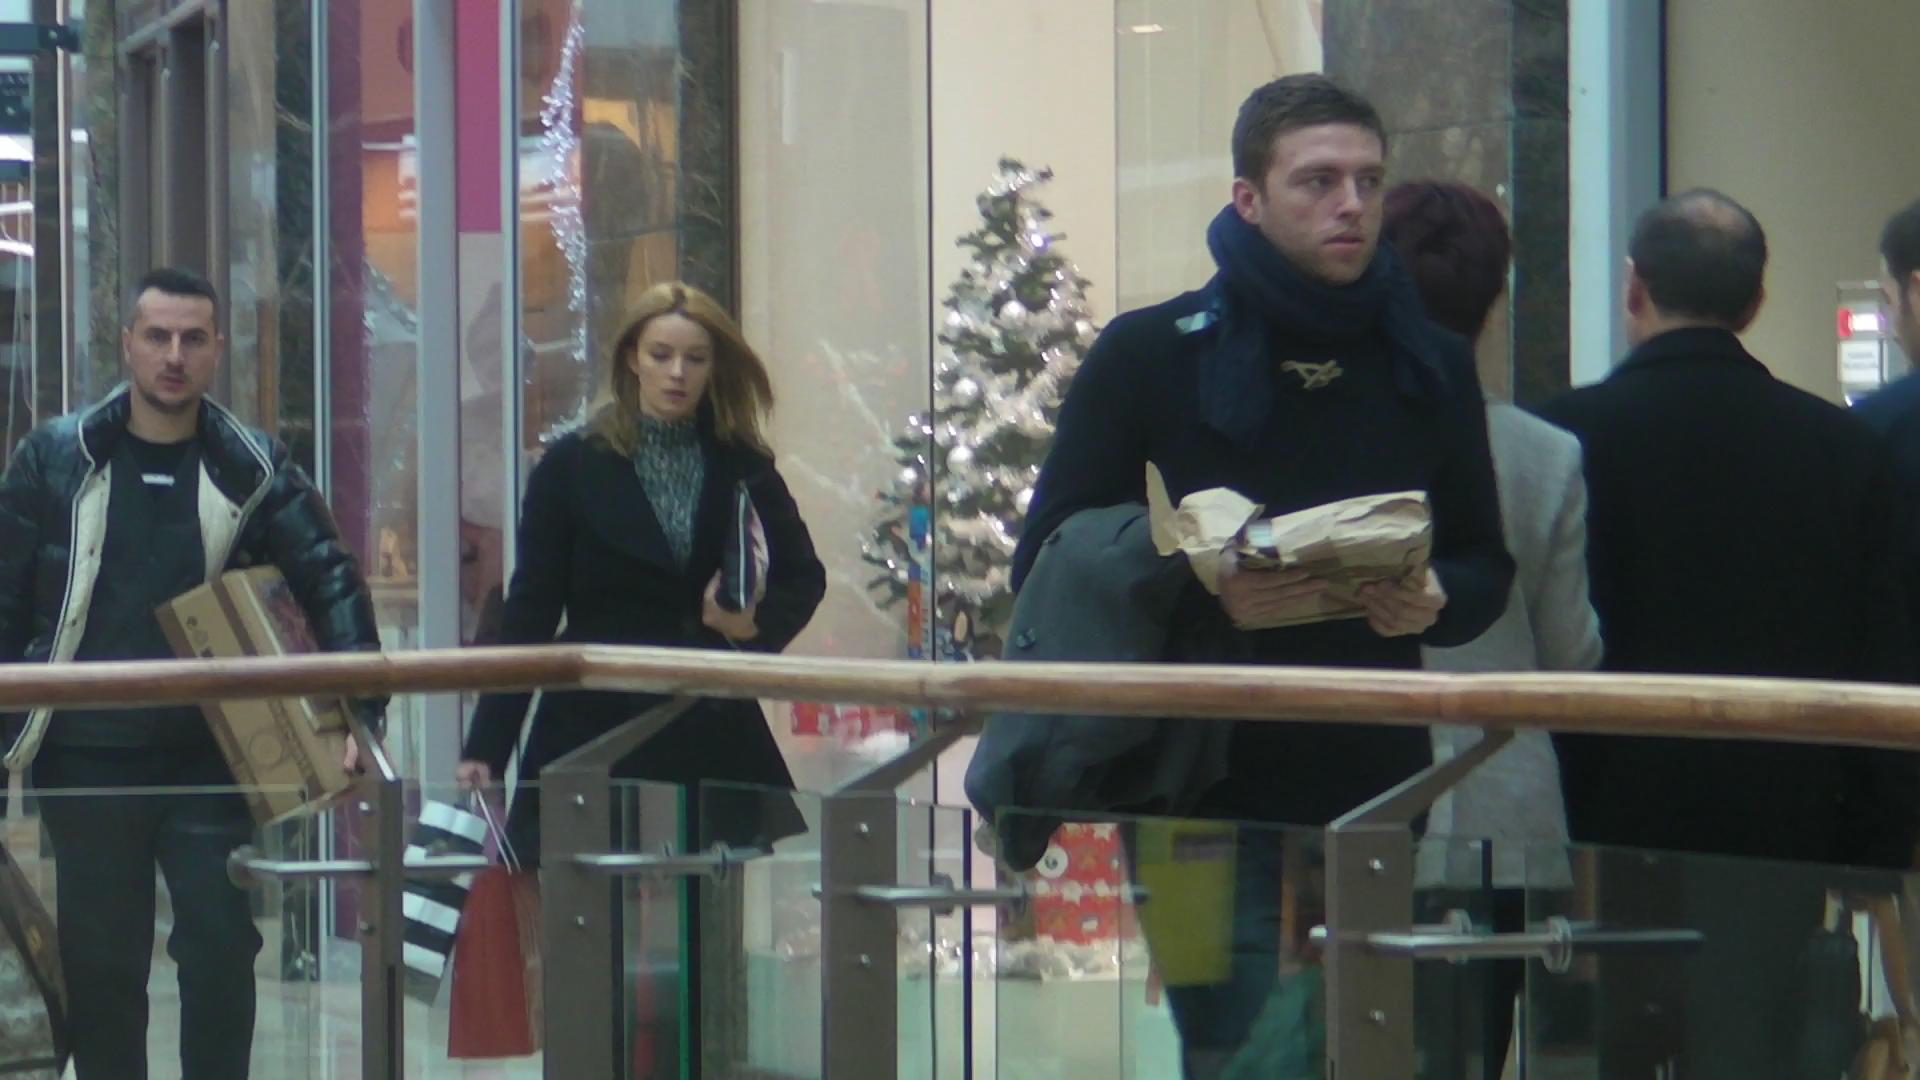 Diana si Ducu au mers la mall pentru a cumpara cadouri pentru Craciun